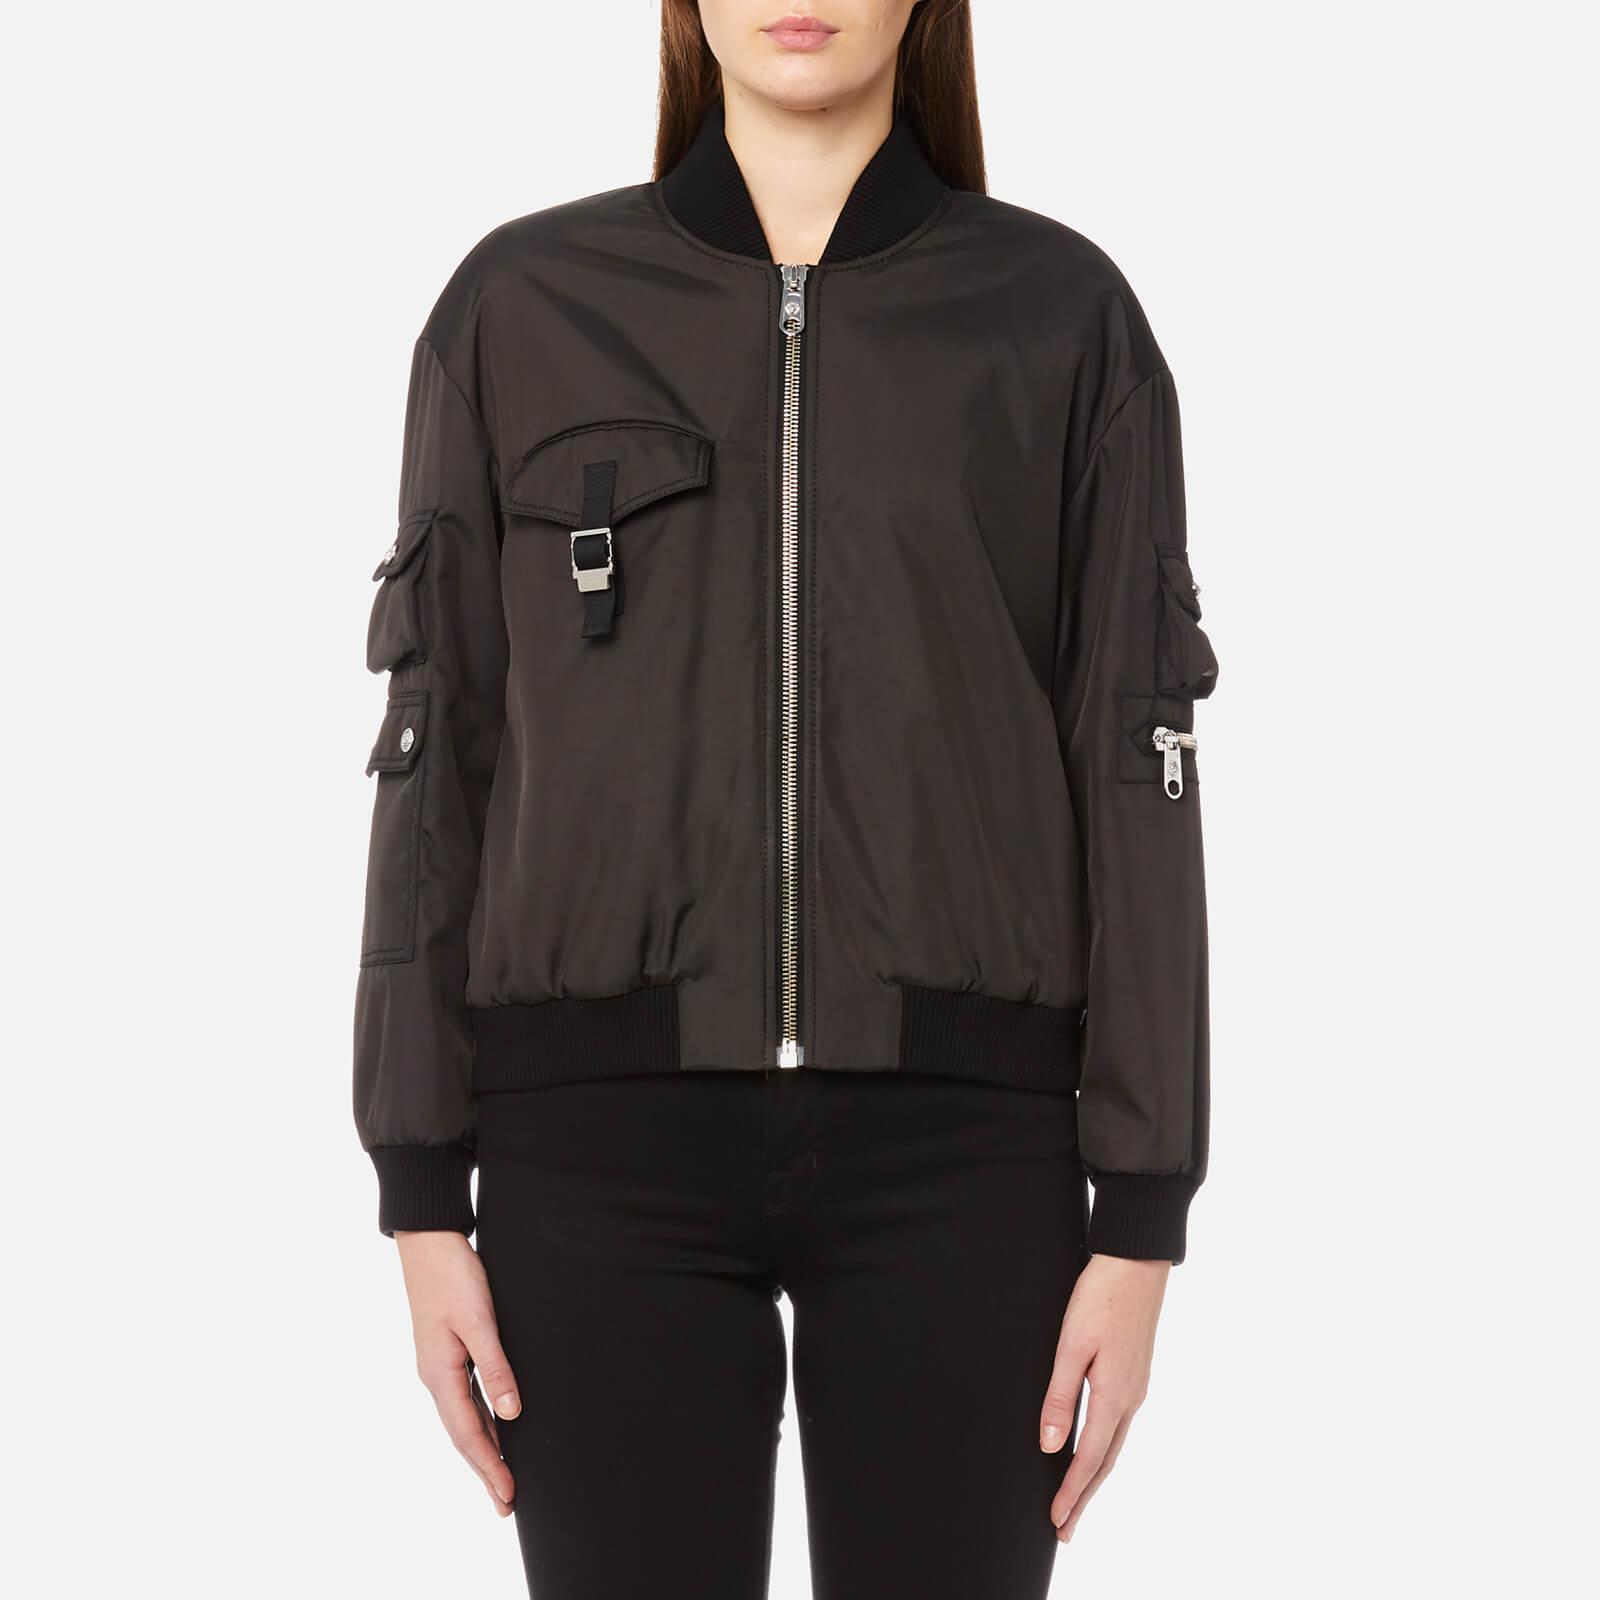 c340dd773037 Versus Versace Women s Bomber Jacket - Black - Free UK Delivery over £50